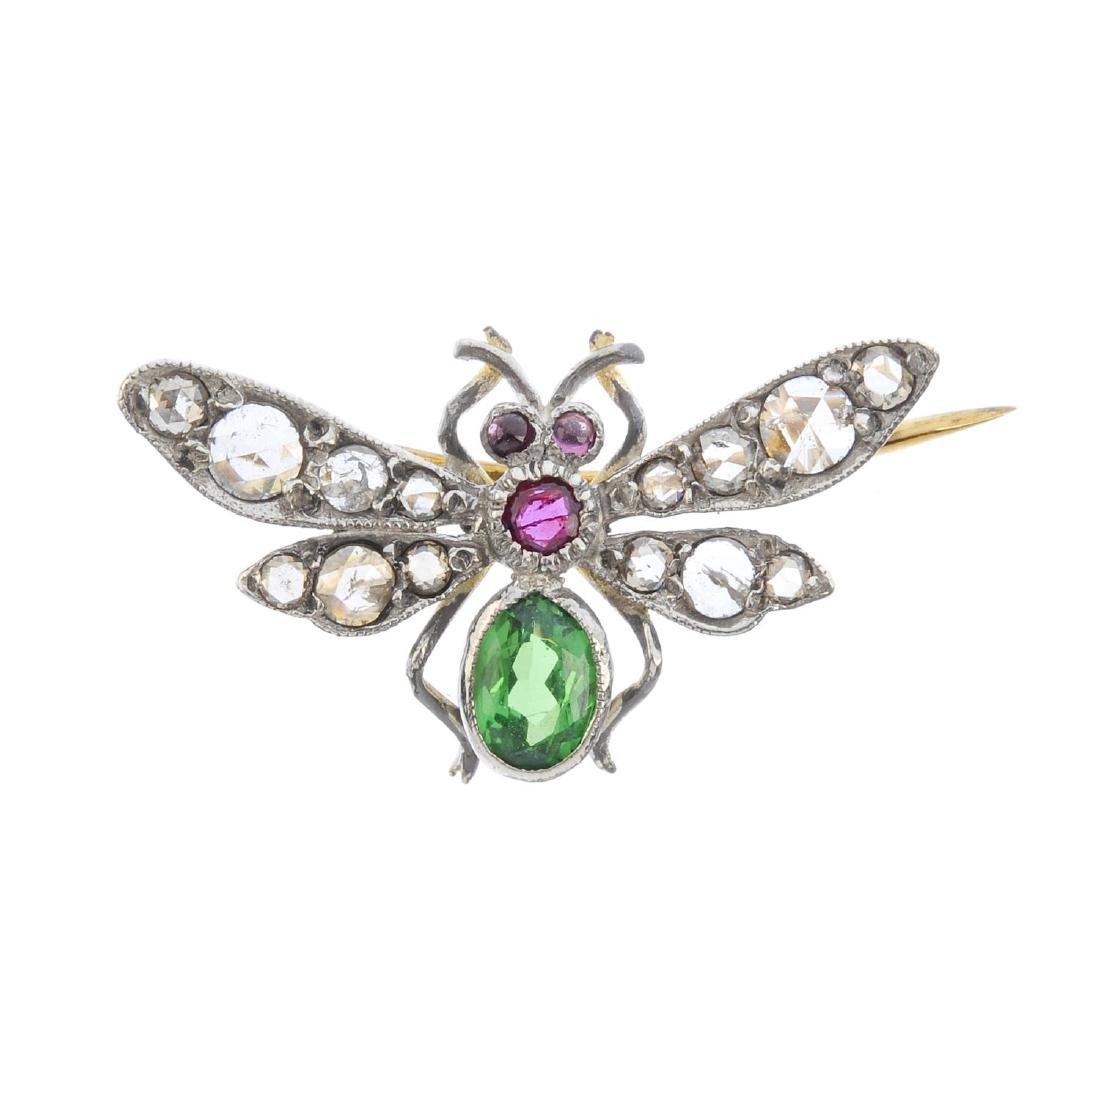 A diamond and gem-set bee brooch. The oval-shape